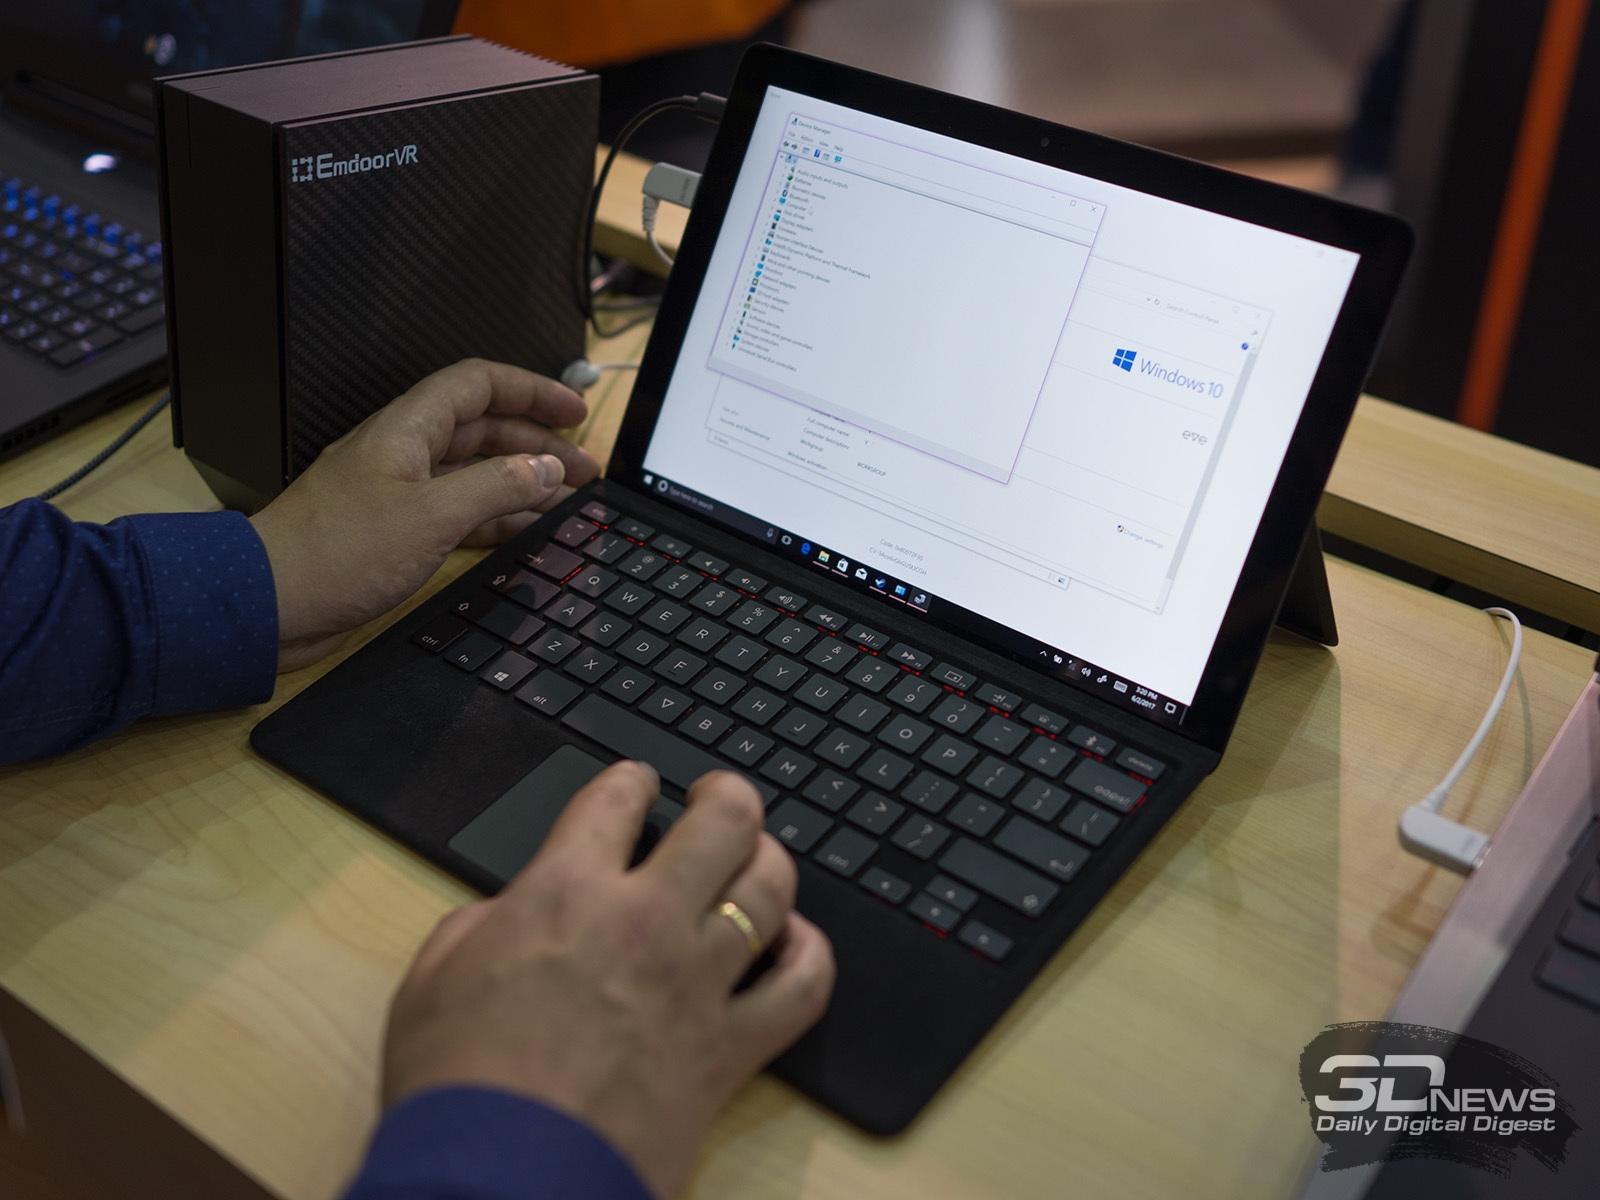 Новая статья: Computex 2017. Знакомство с ноутбуками Acer, Samsung и Eve V в роли темной лошадки